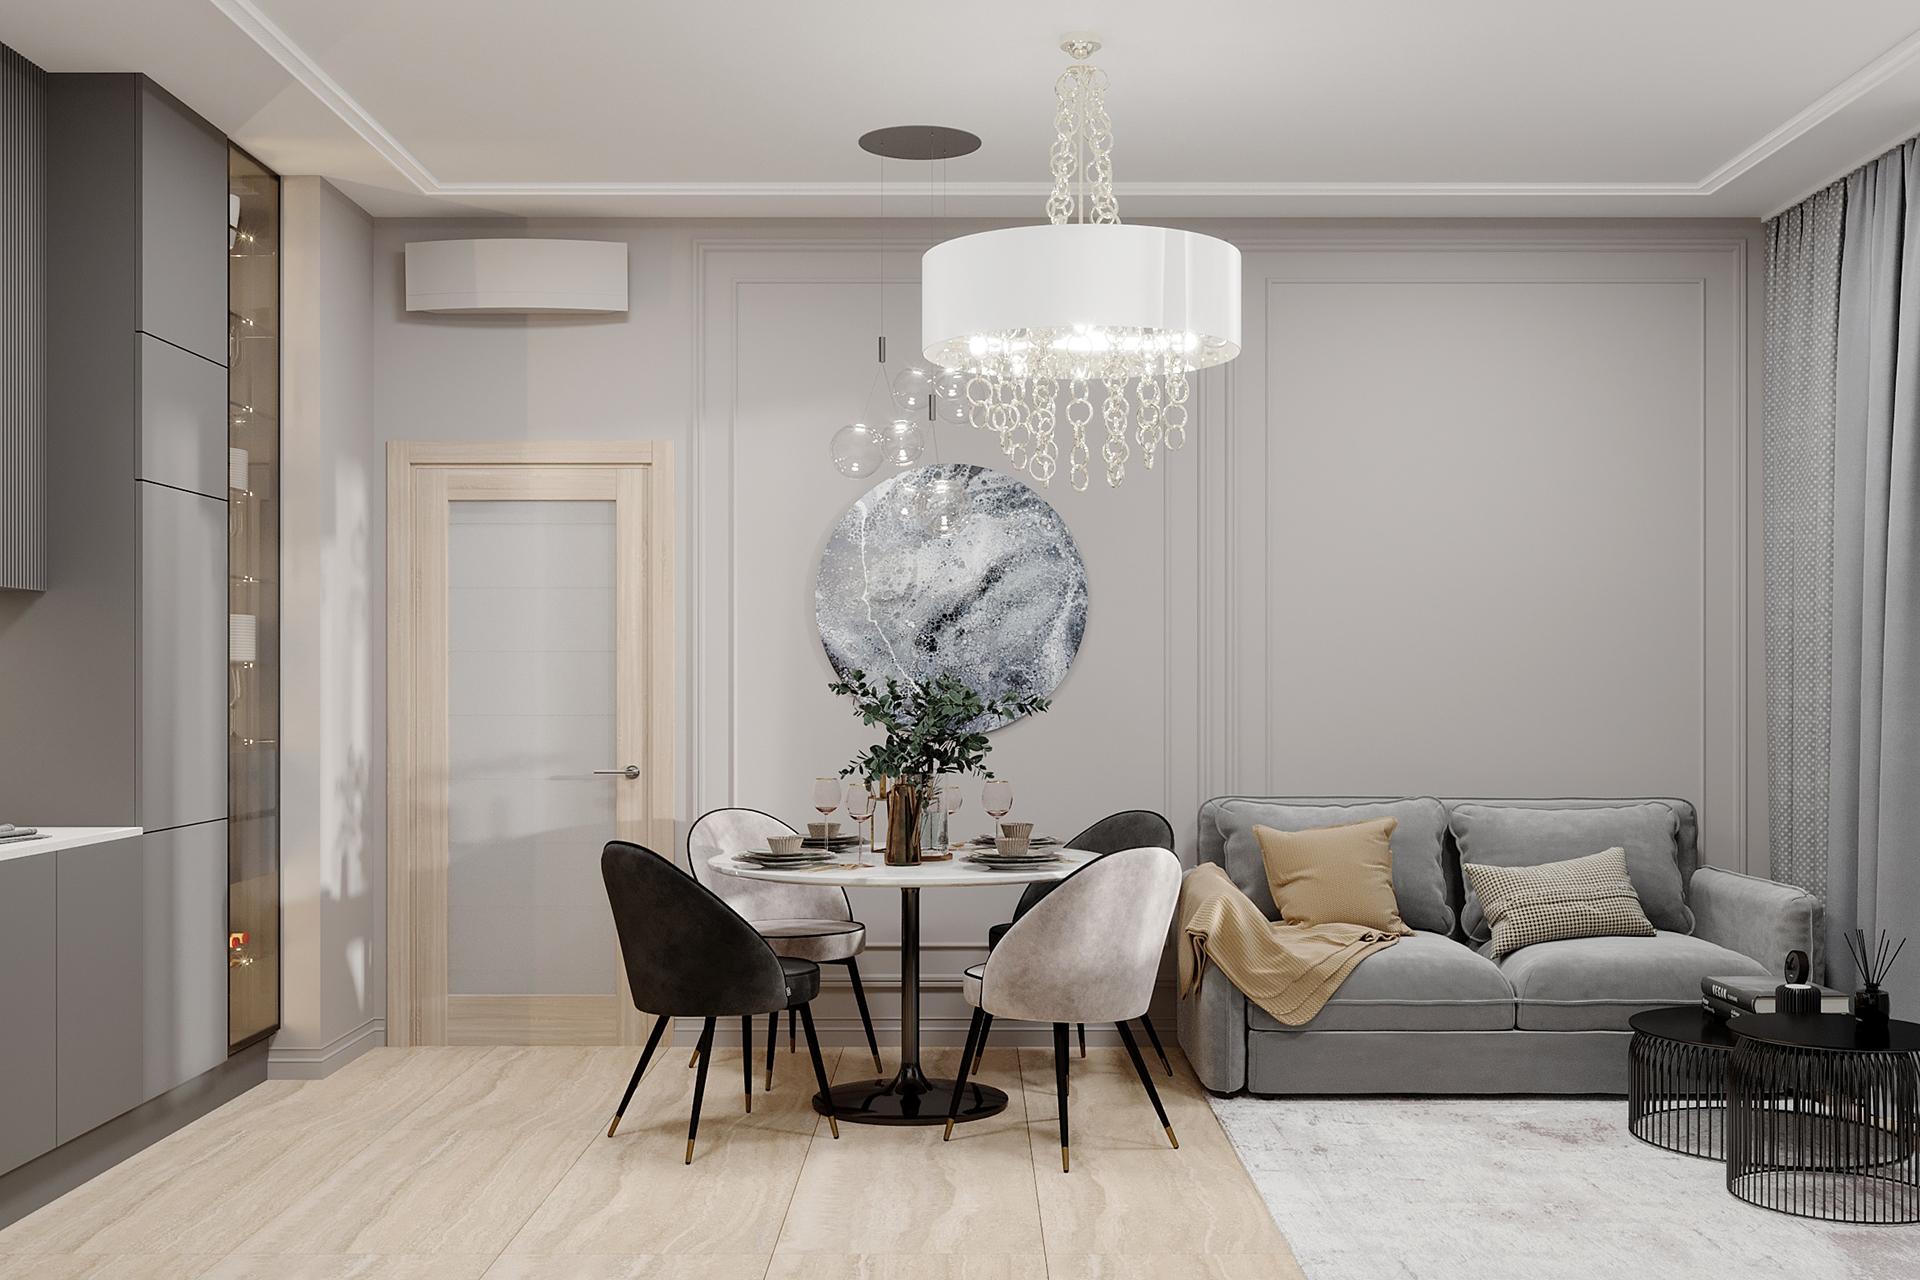 Дизайн интерьера квартиры в ЖК LIFE-Варшавская